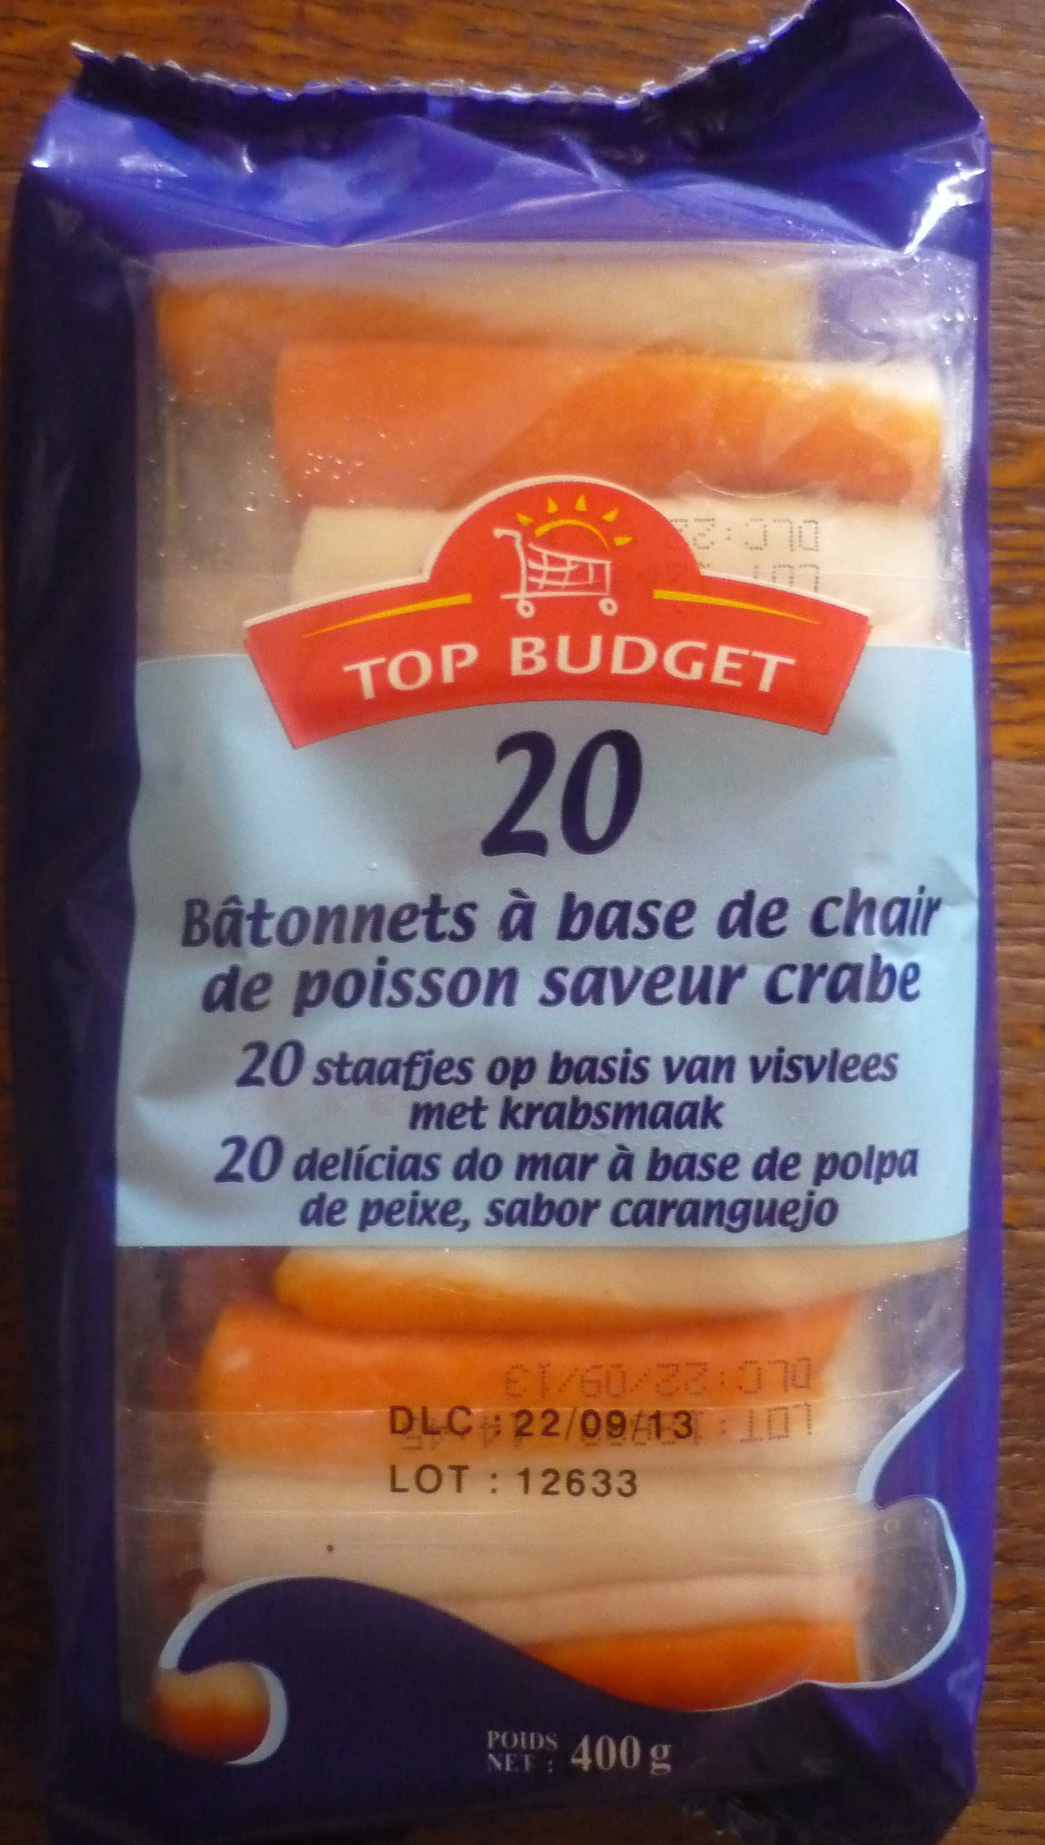 20 Bâtonnets saveur crabe - Product